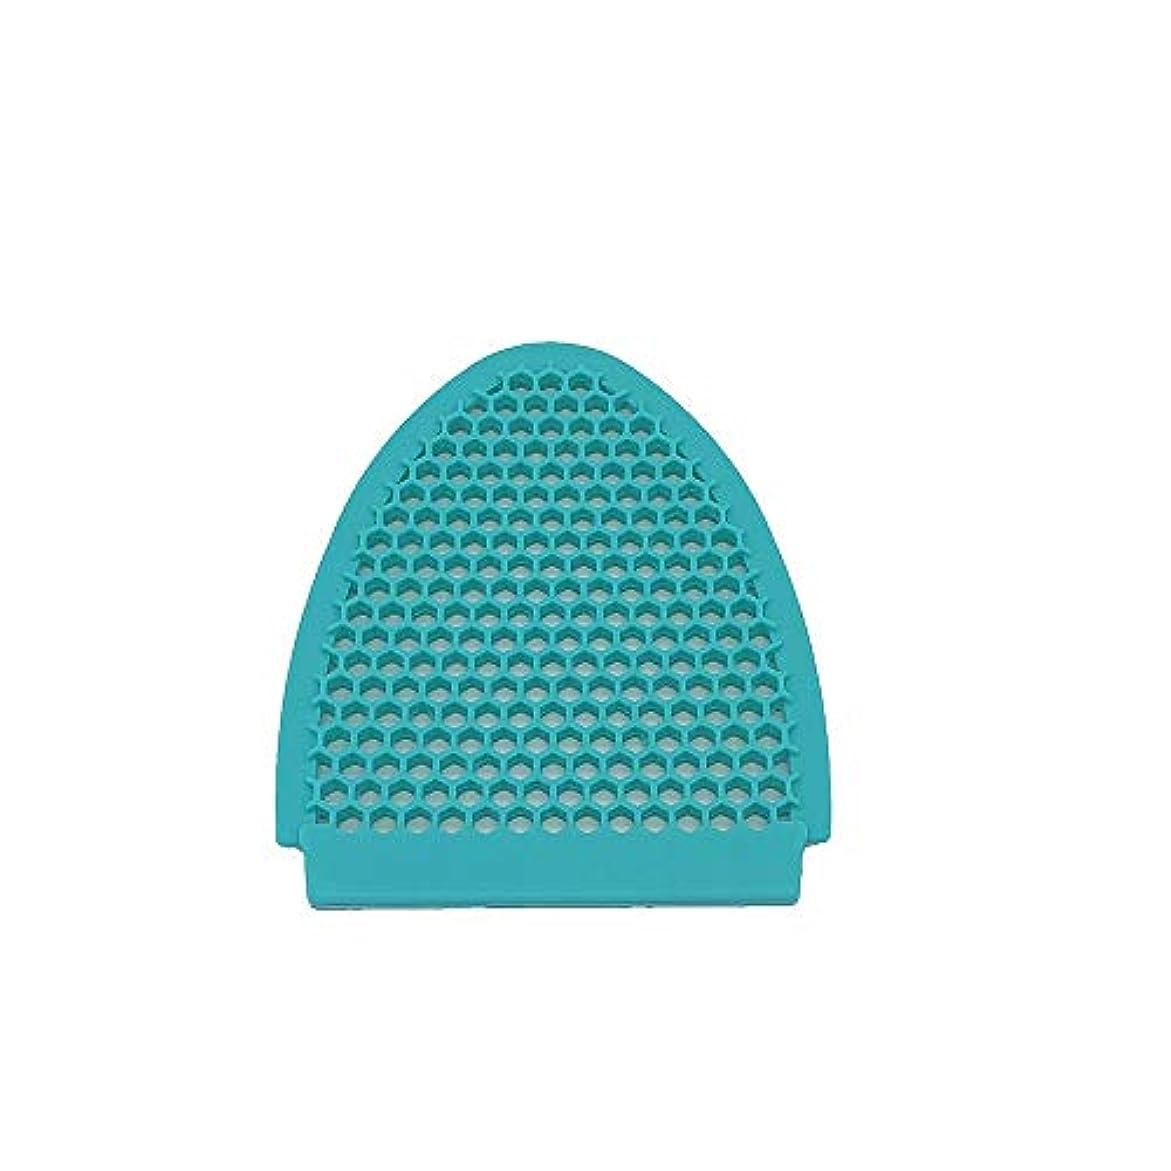 宿題うっかりパースブラックボロウ5個セット シリコンブラシ シリコンスポンジ 洗顔 体洗い 多機能 角質除去 毛穴清潔 洗顔用フェイスブラシ (Color : Green)